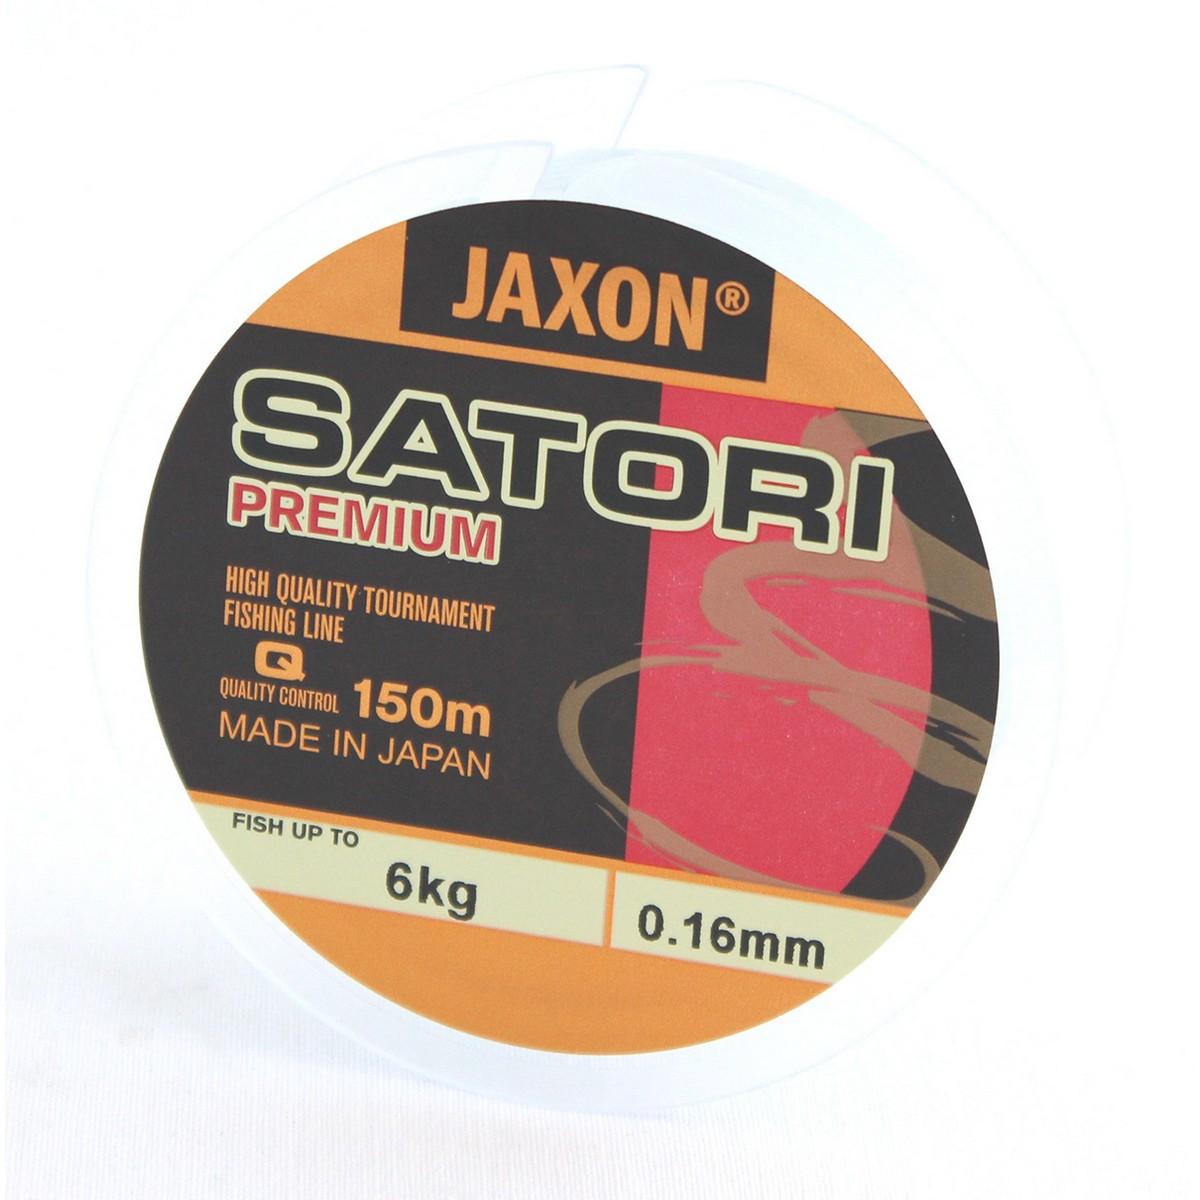 Jaxon Satori Premium 150m-611